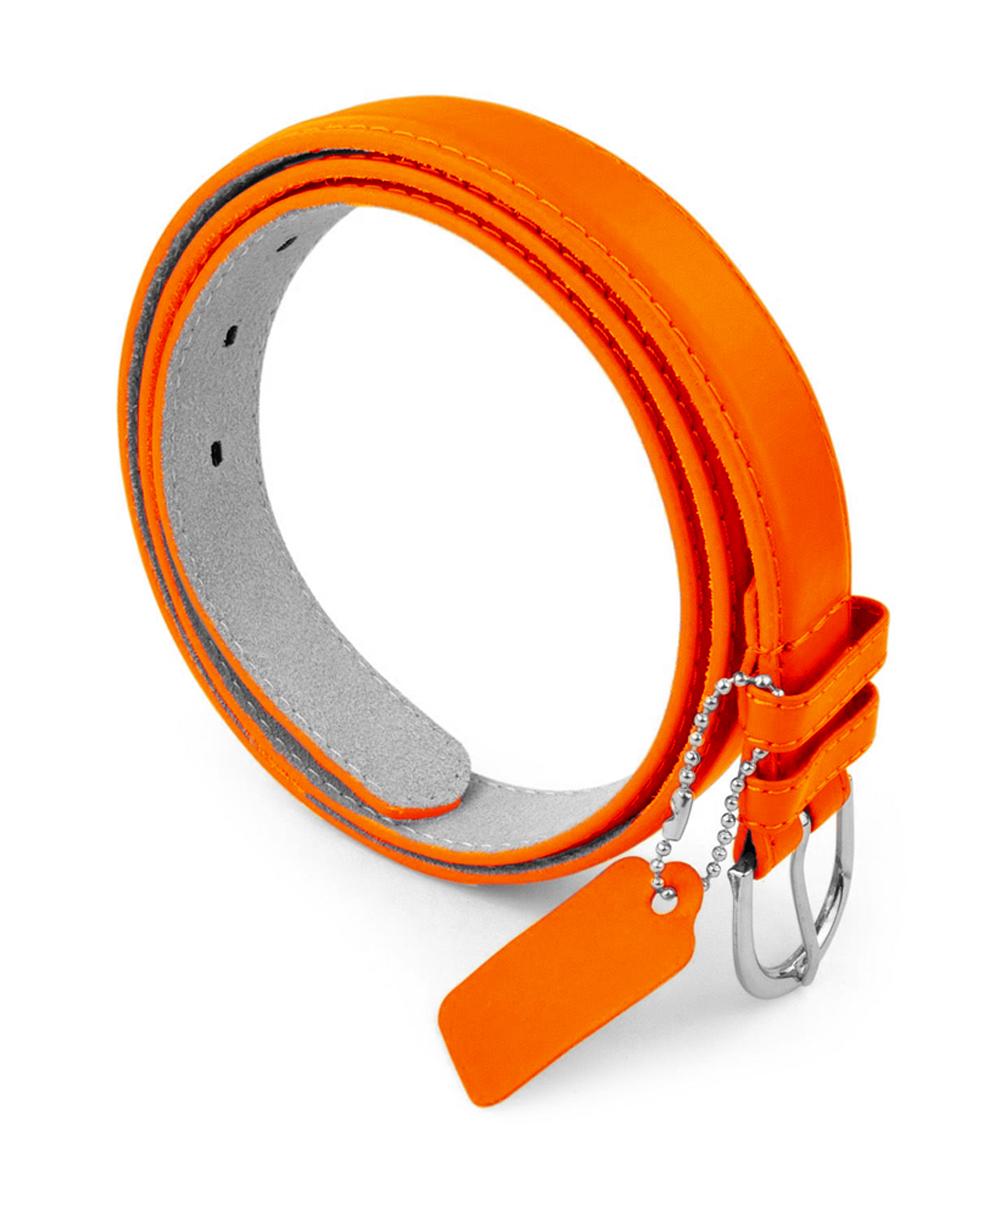 Womens Chic Dress Belt Bonded Leather Polished Buckle - Orange Medium